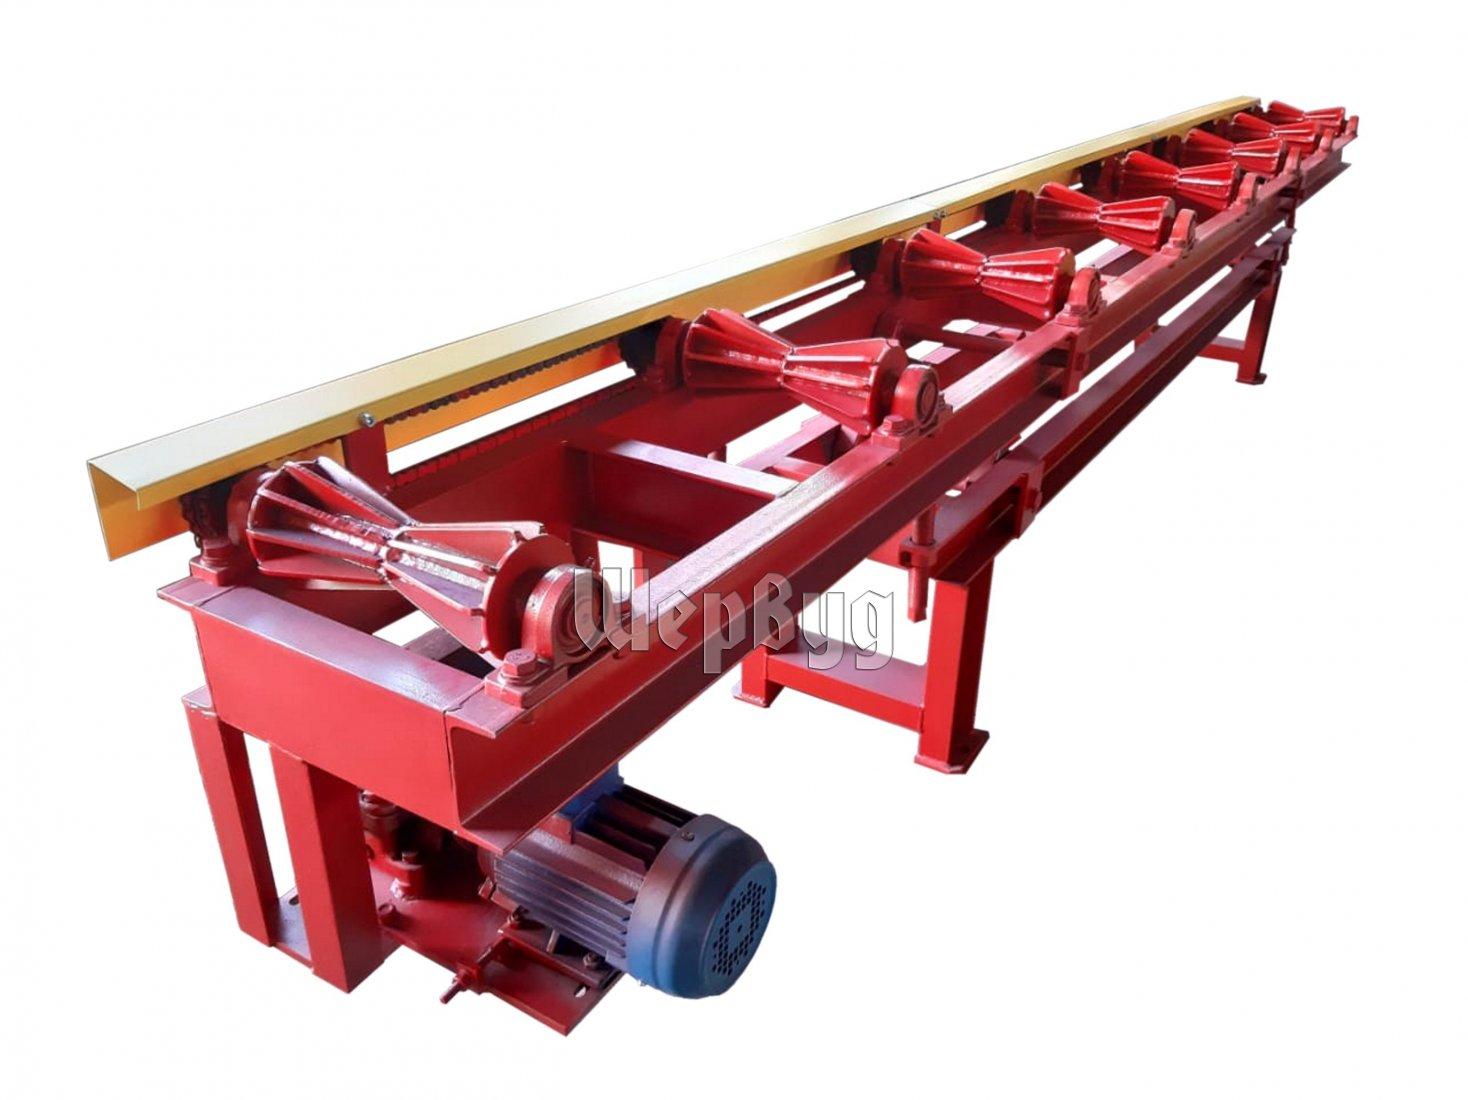 Приводные рольганги для металлообработки фольксваген транспортер т4 купить б у в москве